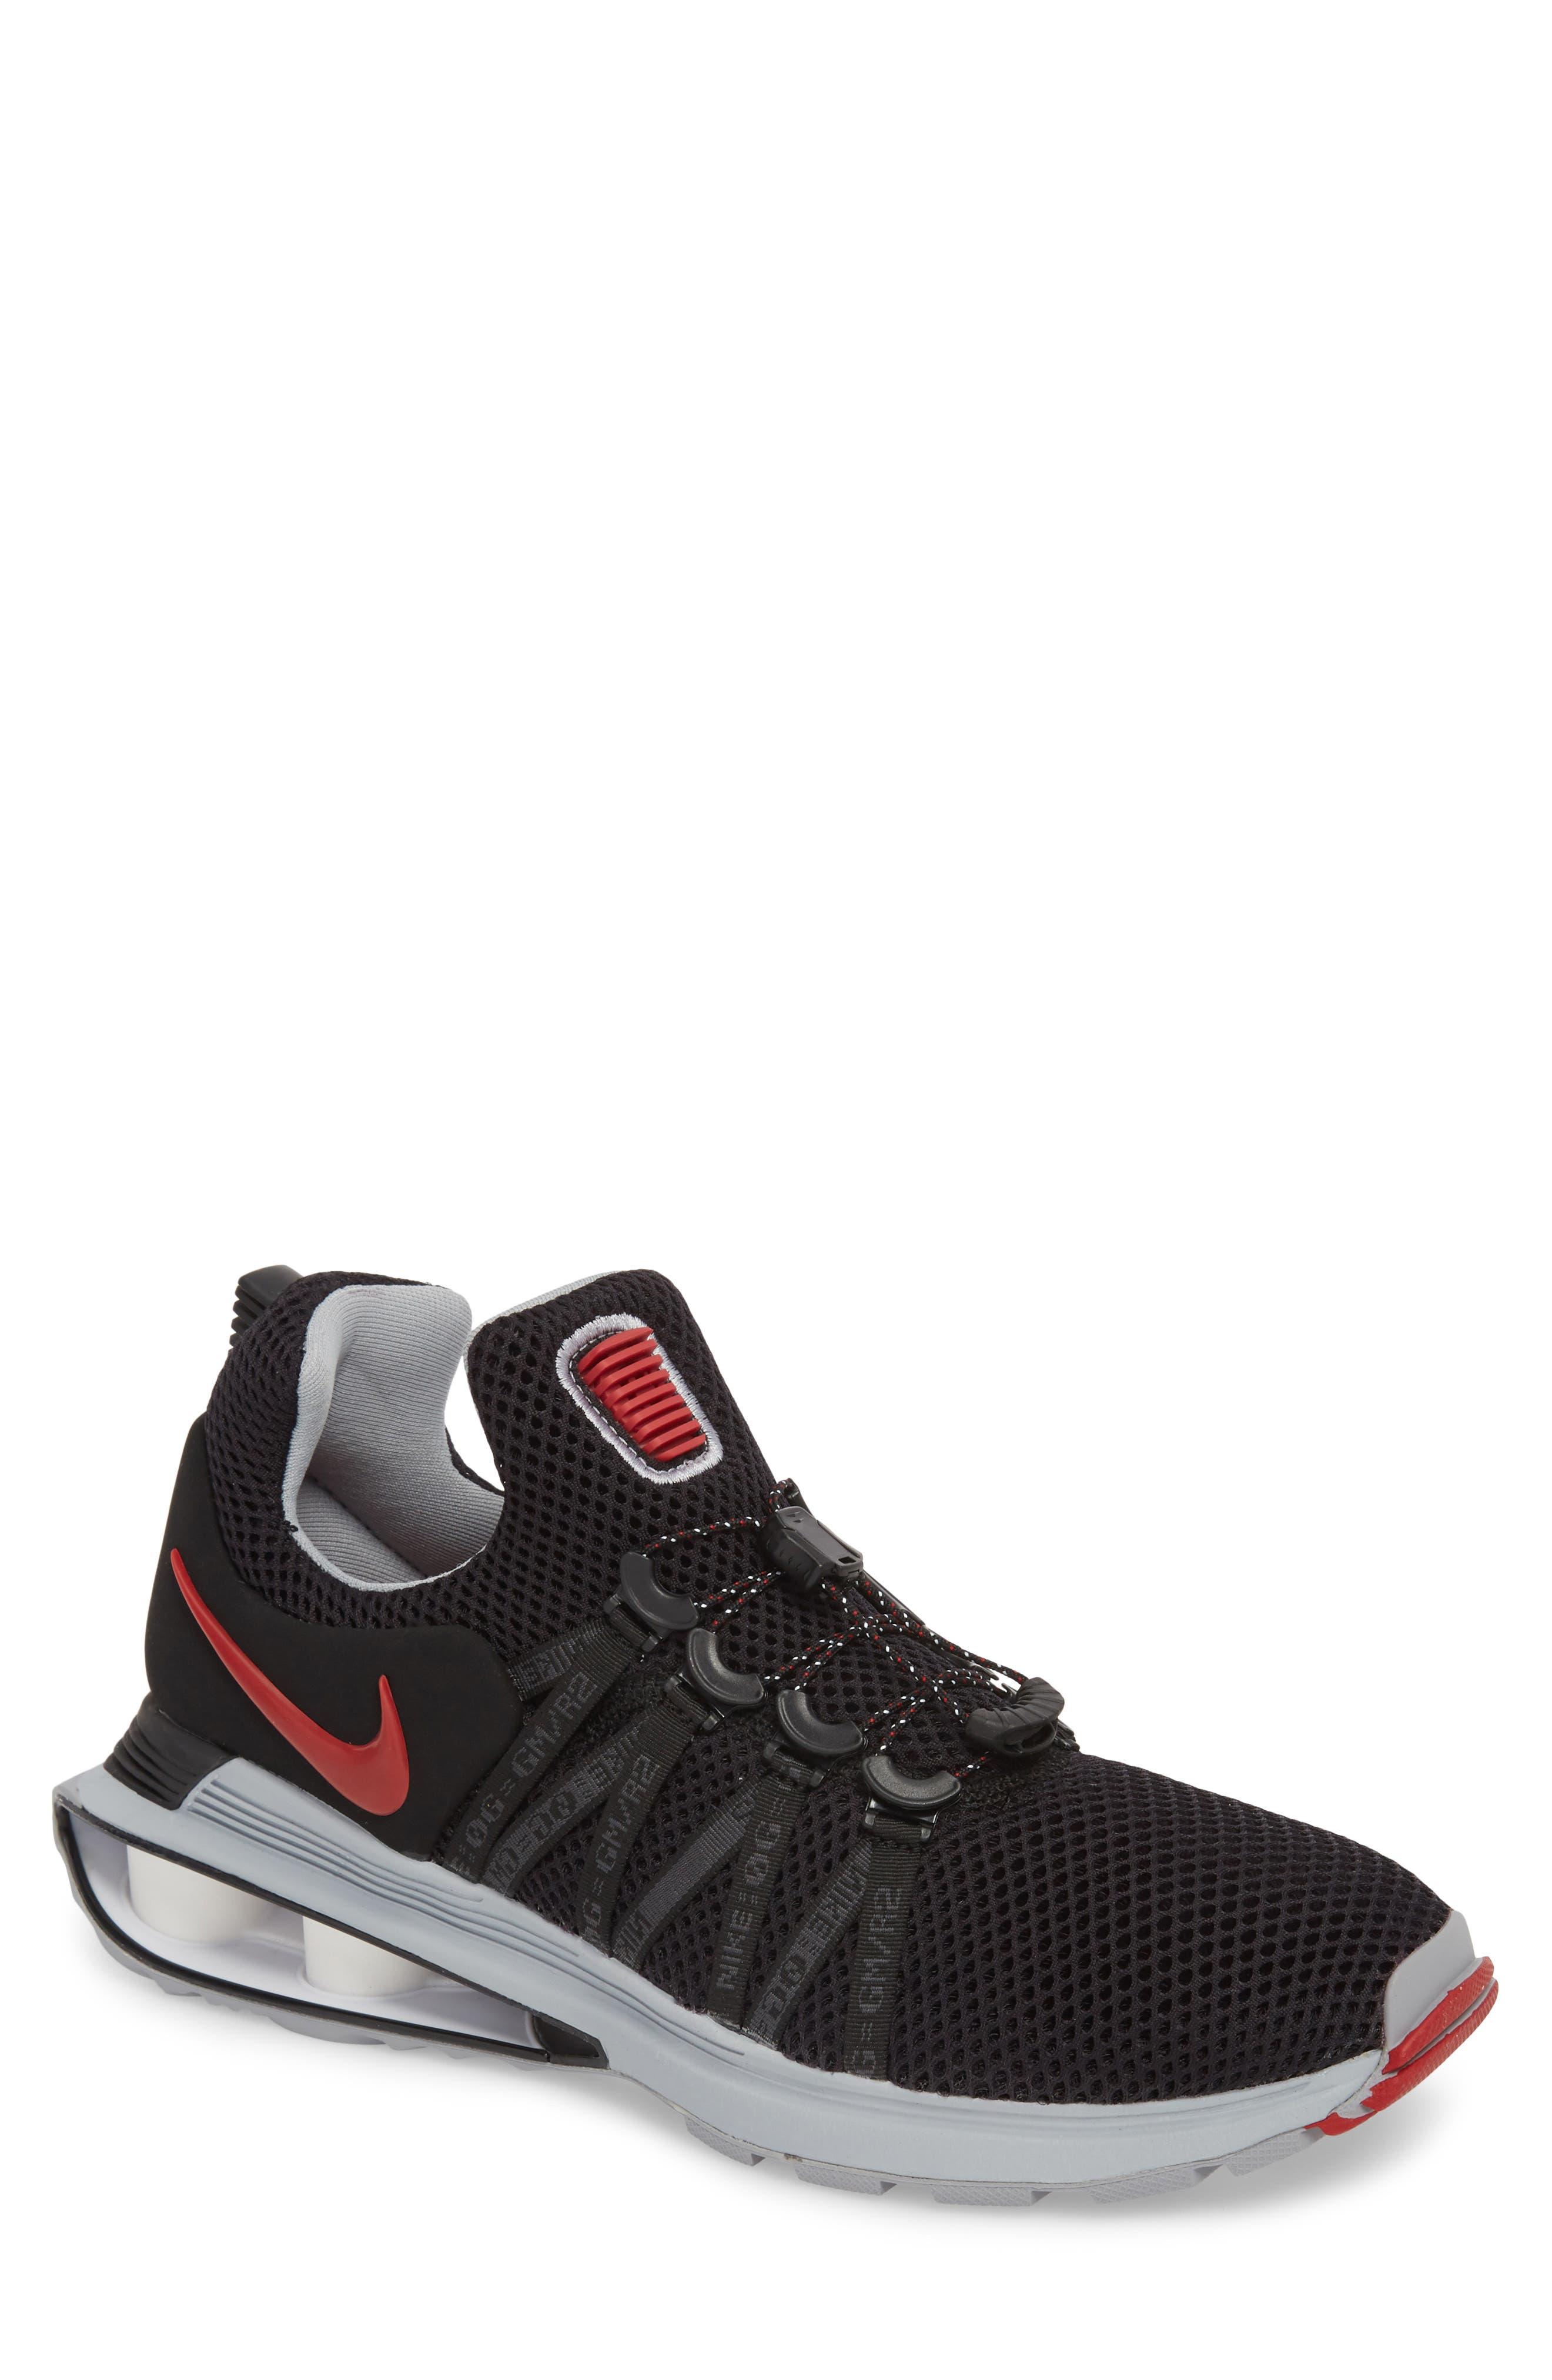 Shox Gravity Sneaker,                         Main,                         color, 016